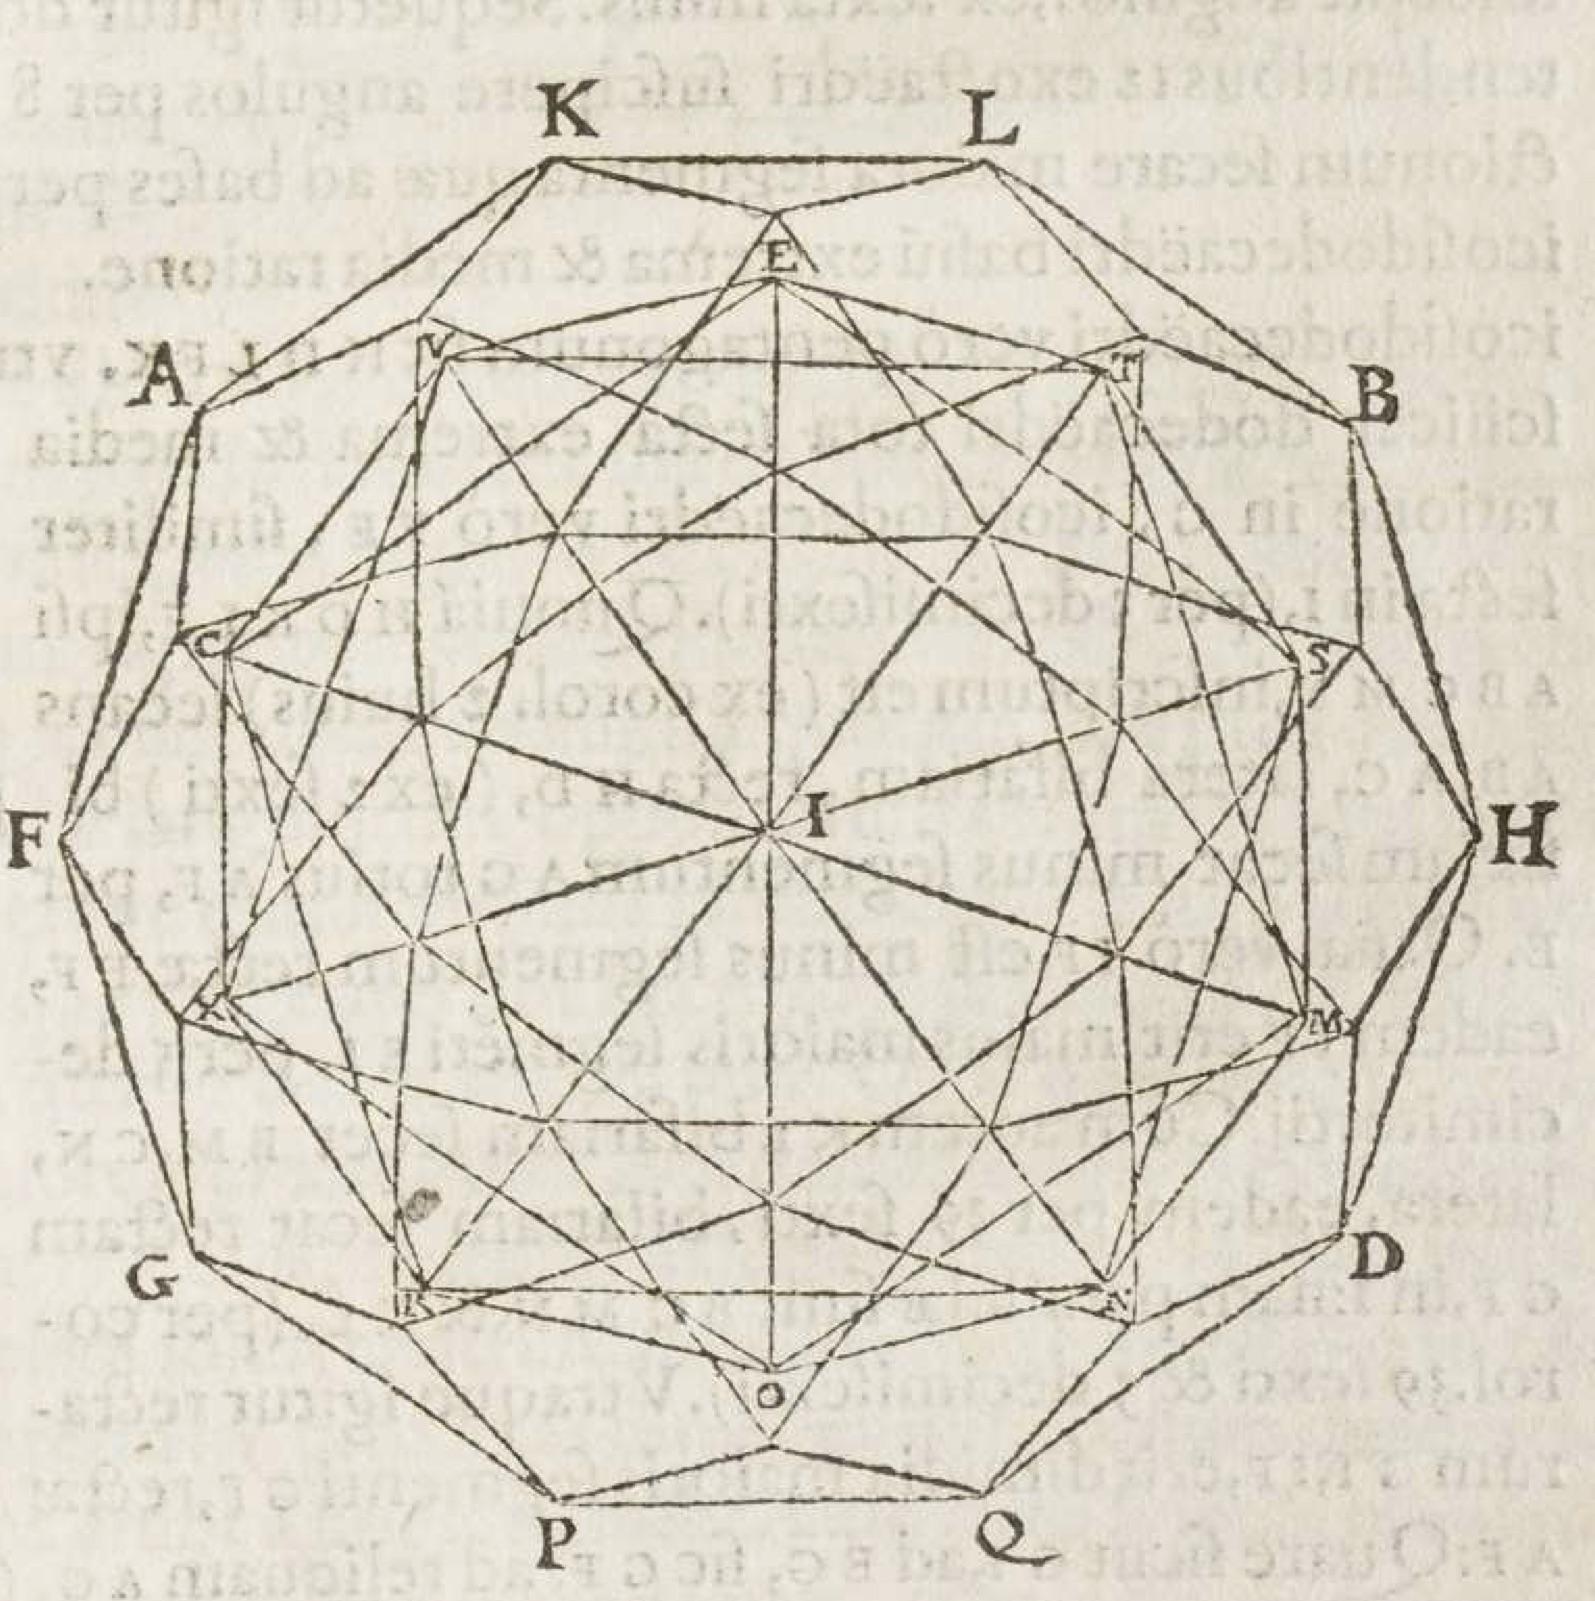 """""""An icosahedron inscribed inside an icosidodecahedron. François de Foix-Candale, Euclidis Megarensis Mathematici Clarissimi Elementa (Paris: Jacques Du Puys, 1578), p. 531."""""""